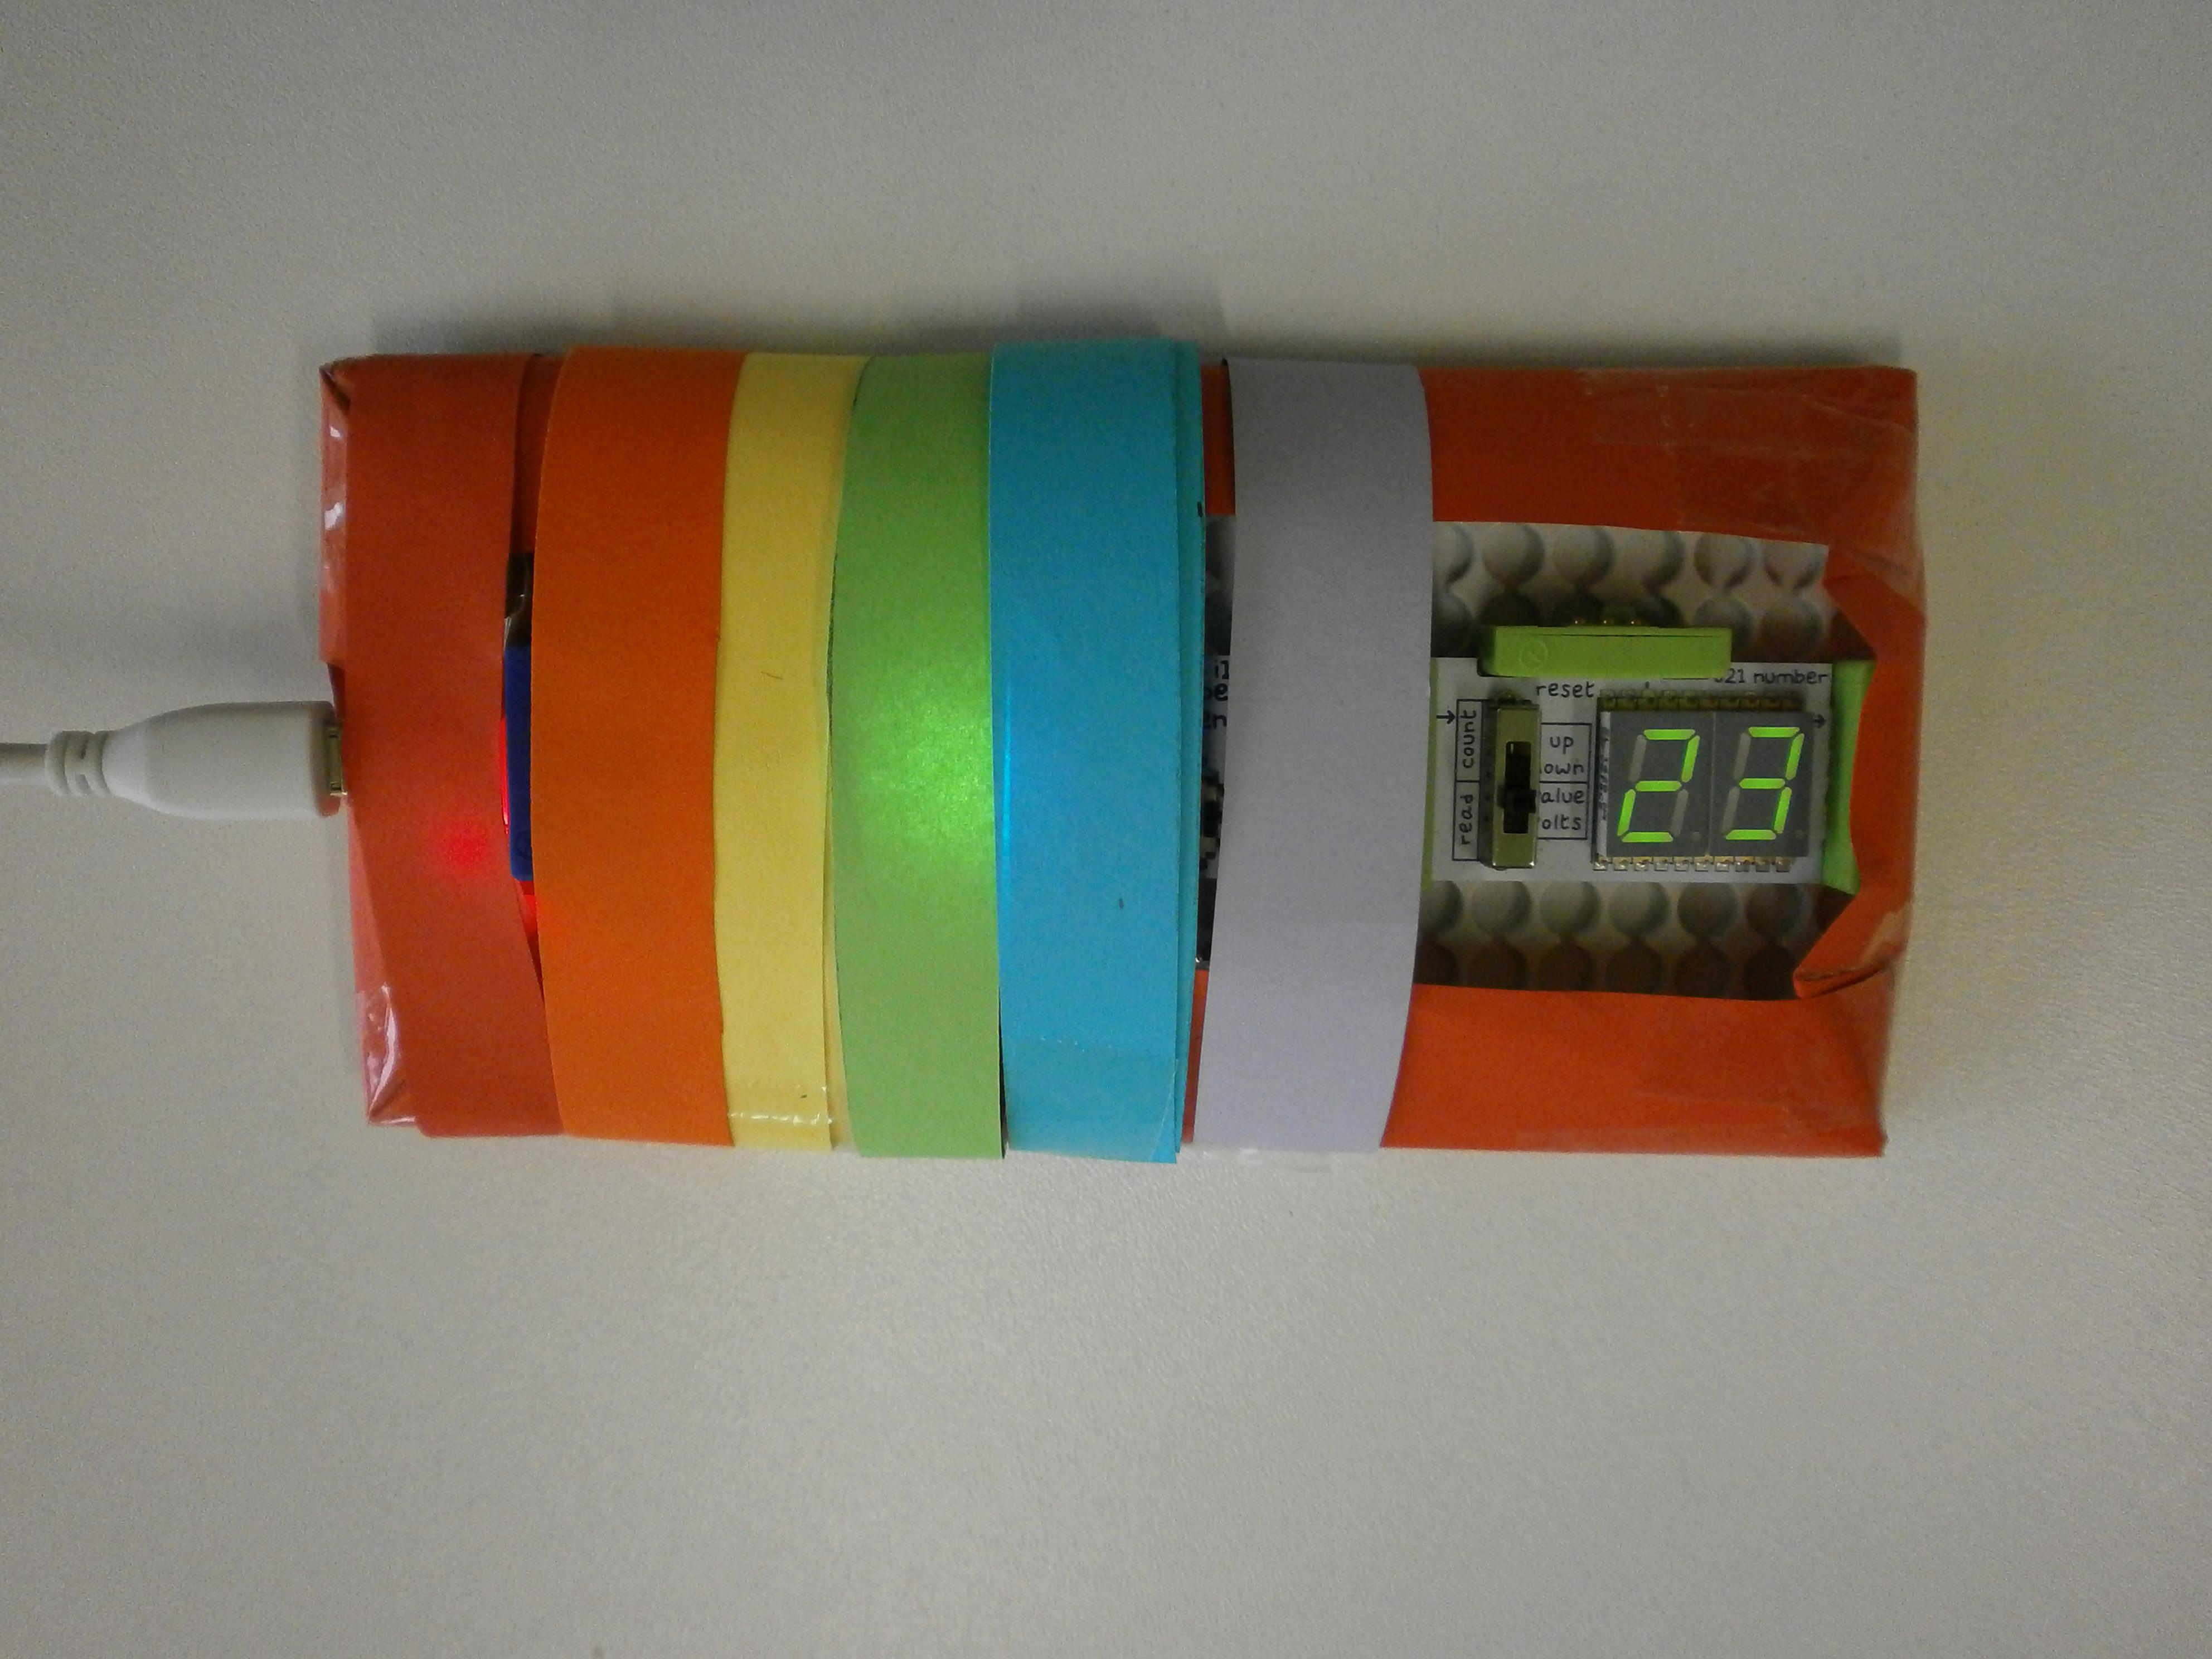 Naš termometar u šarenom ovitku